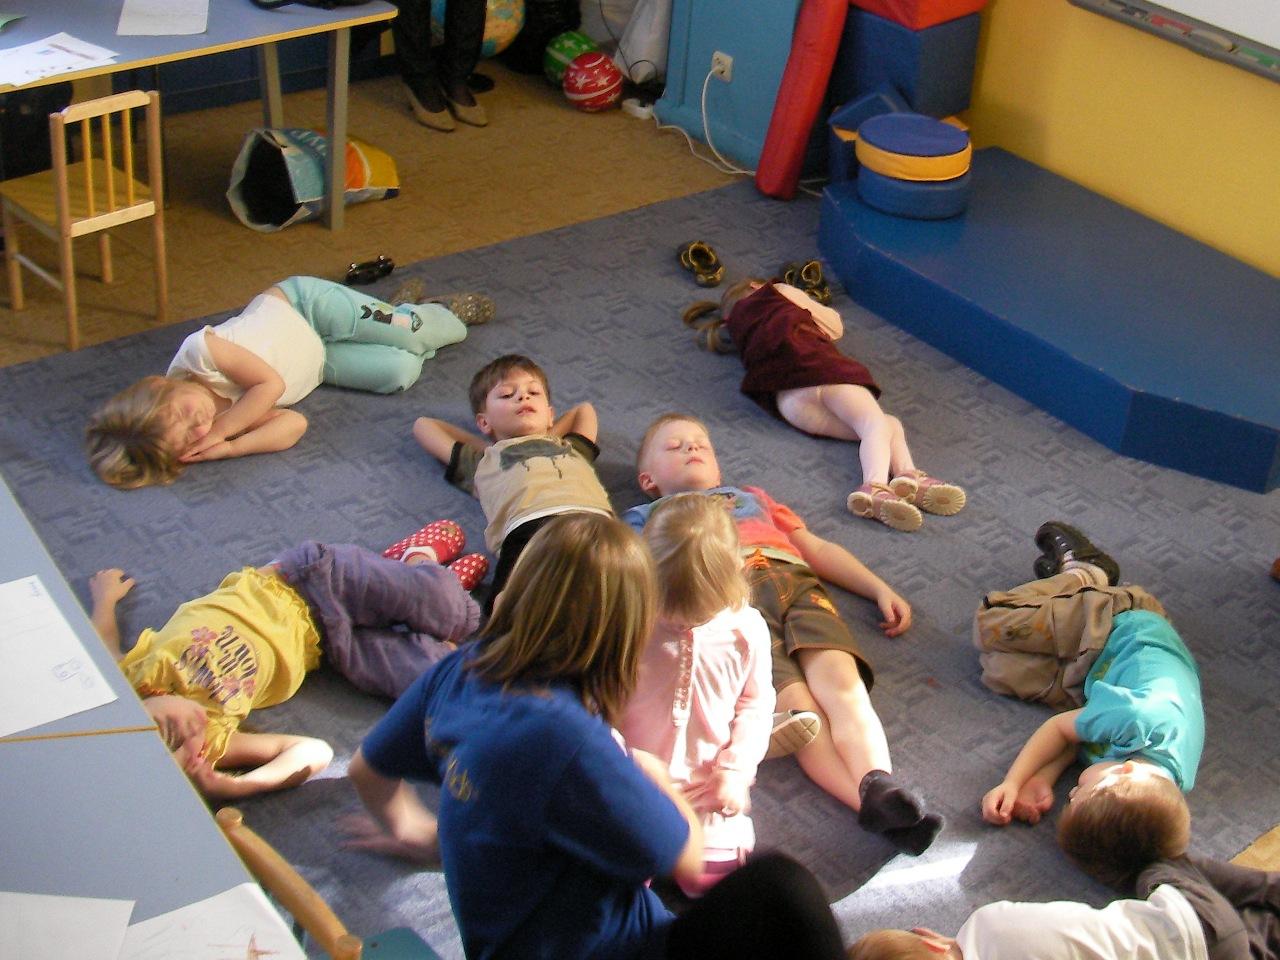 НИИ Соционики. Диагностика детей дошкольного возраста